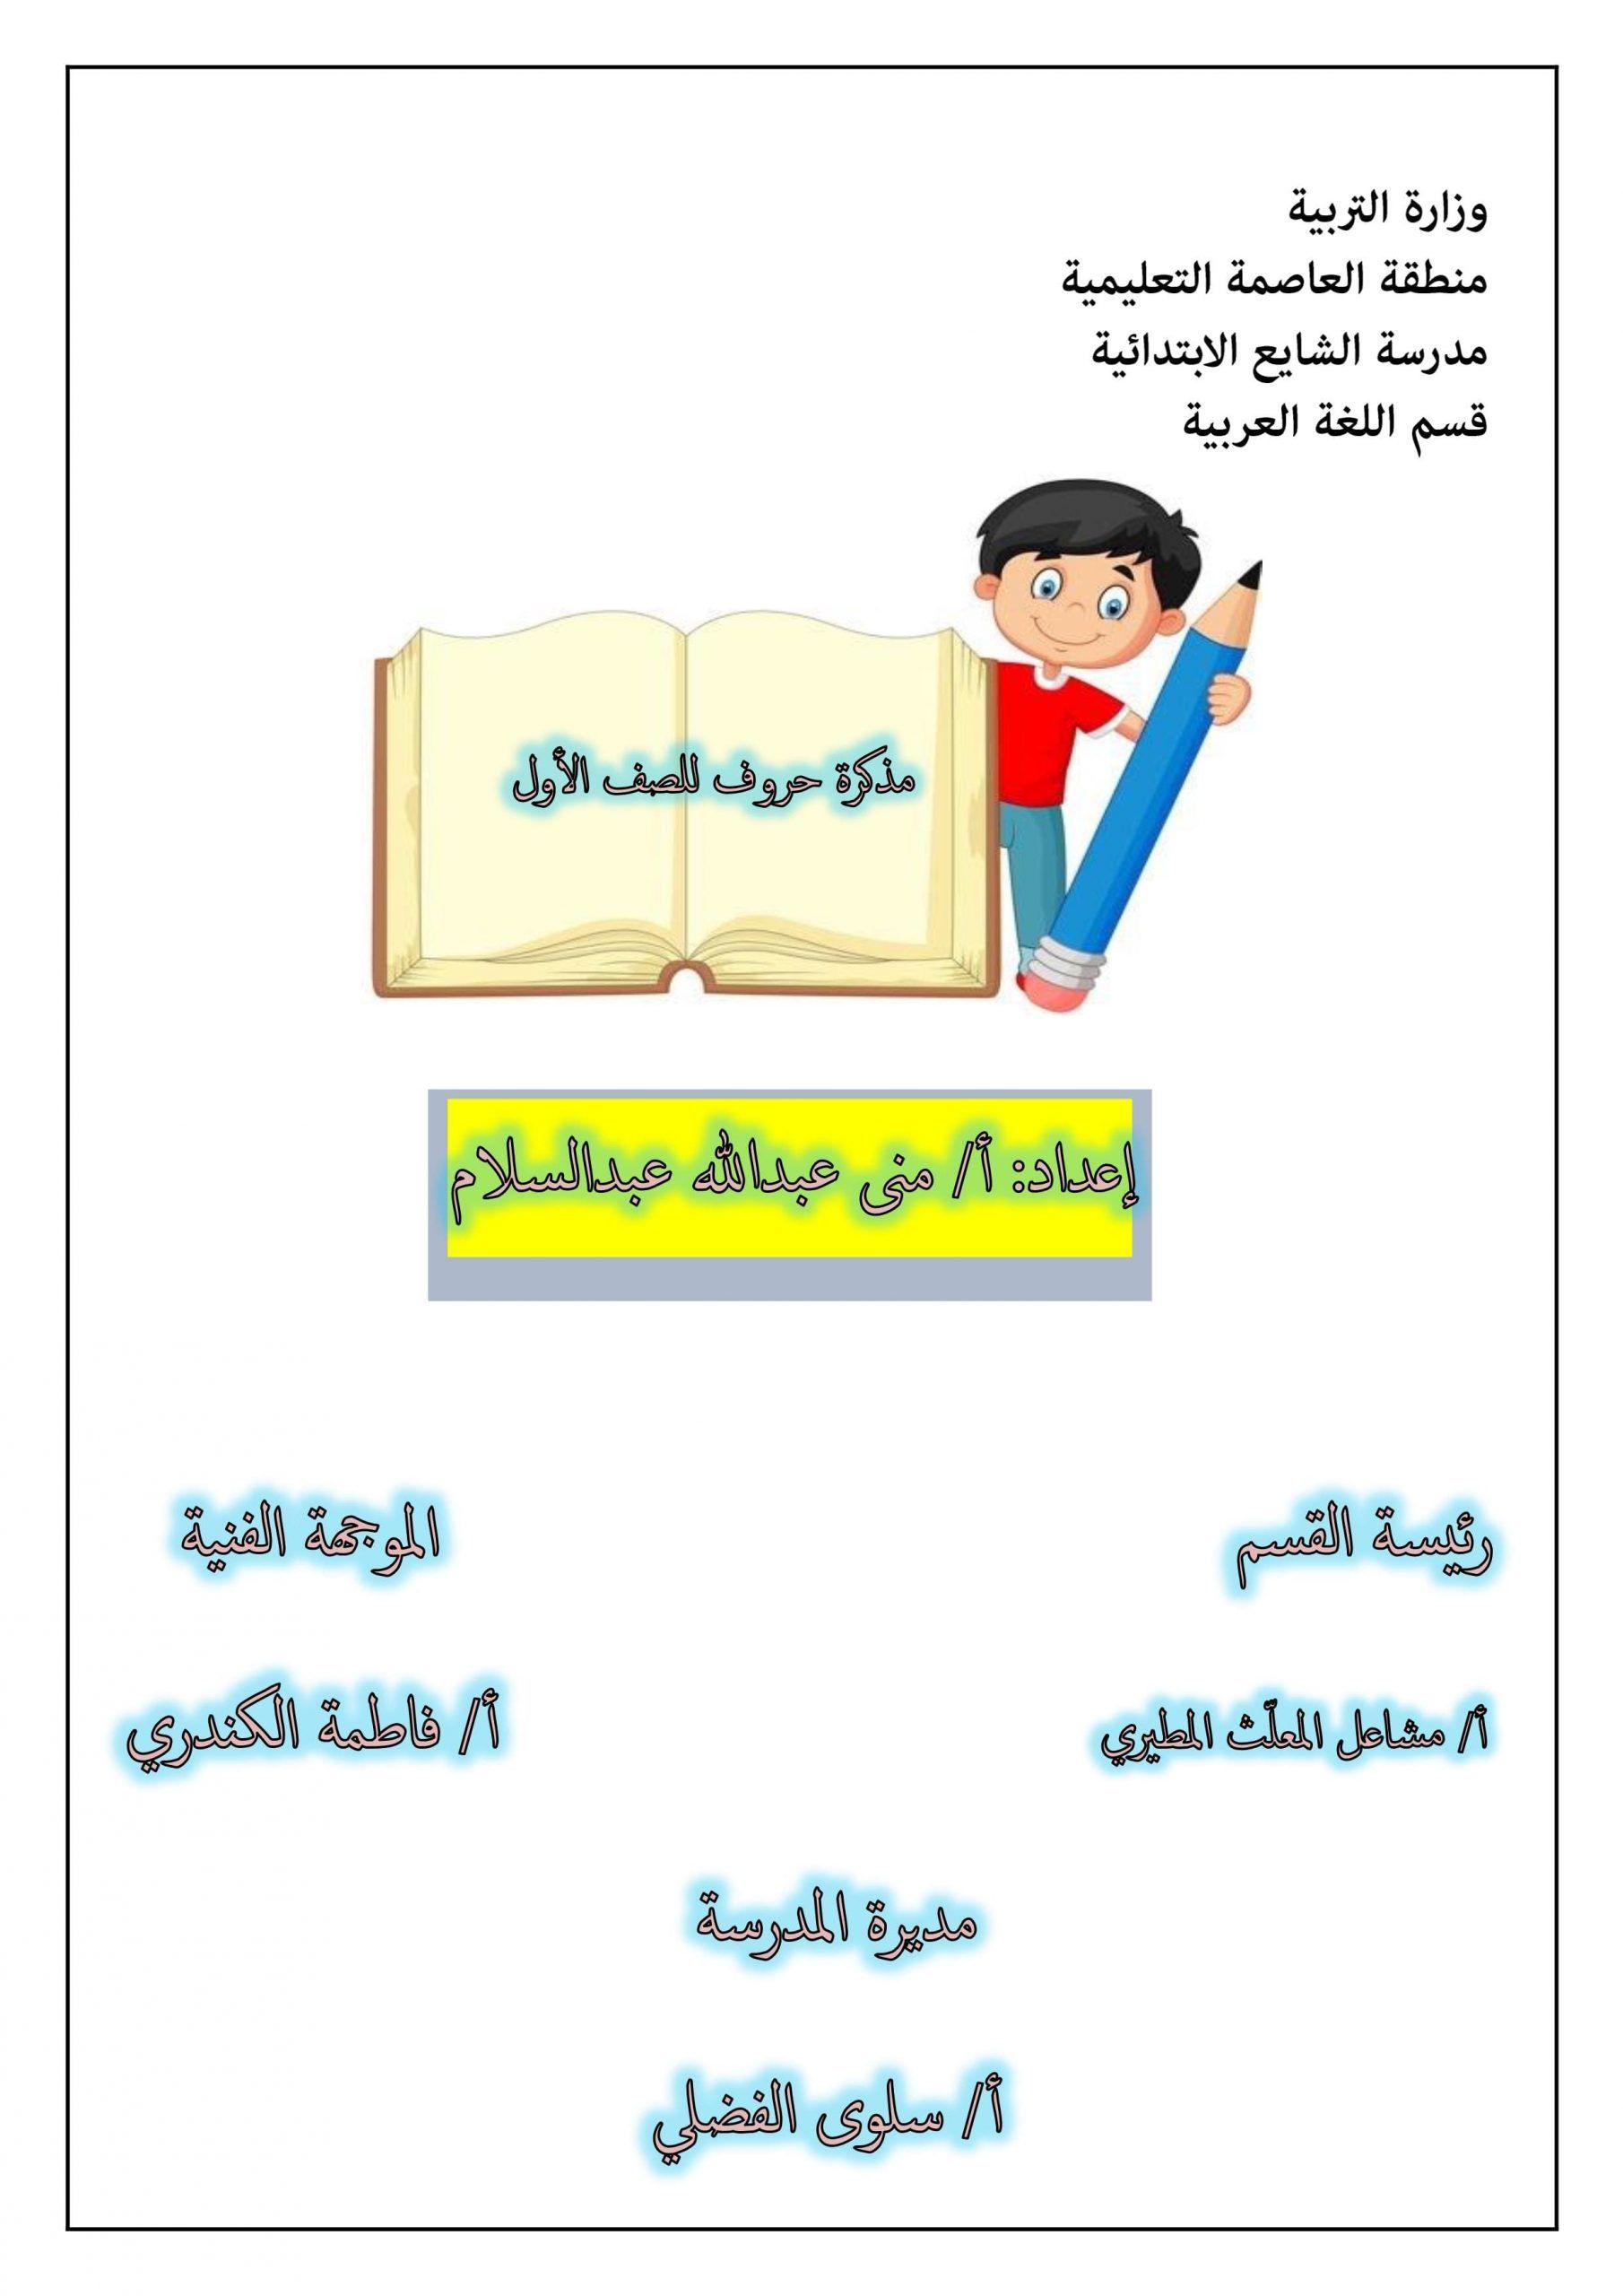 مذكرة متنوعة للحروف الهجائية لتعليم الاطفال بطريقة ممتعة